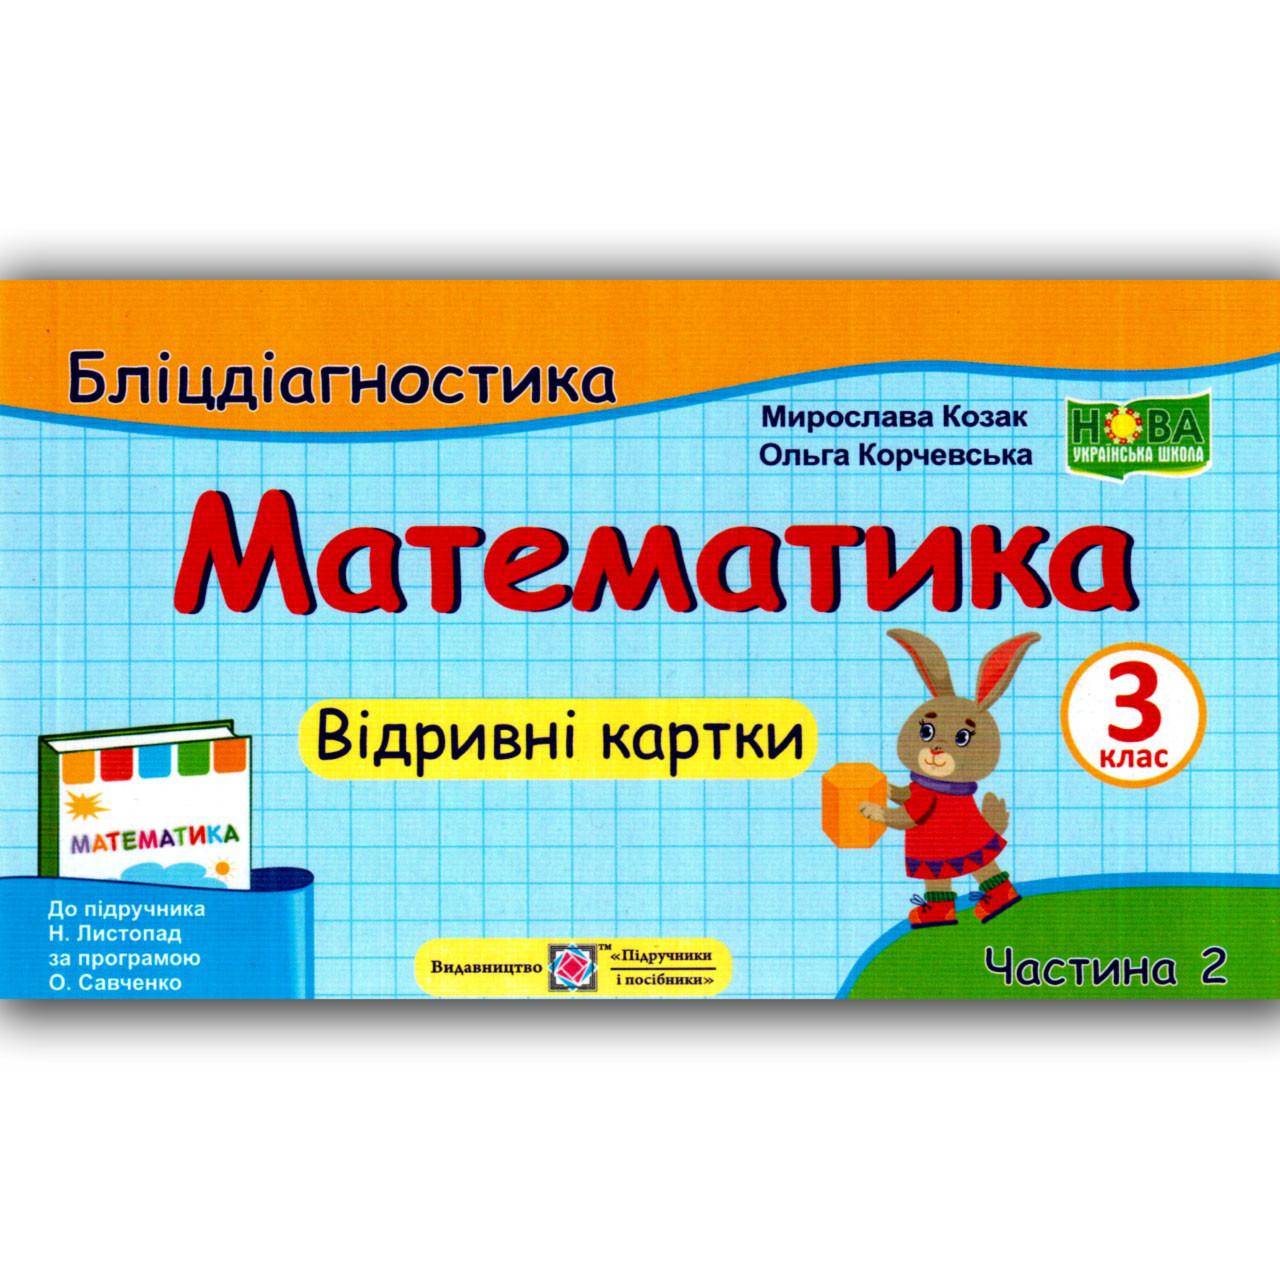 Бліцдіагностика Математика 3 клас Частина 2 До підручника Листопад Н Авт: Козак М. Вид: Підручники і Посібники